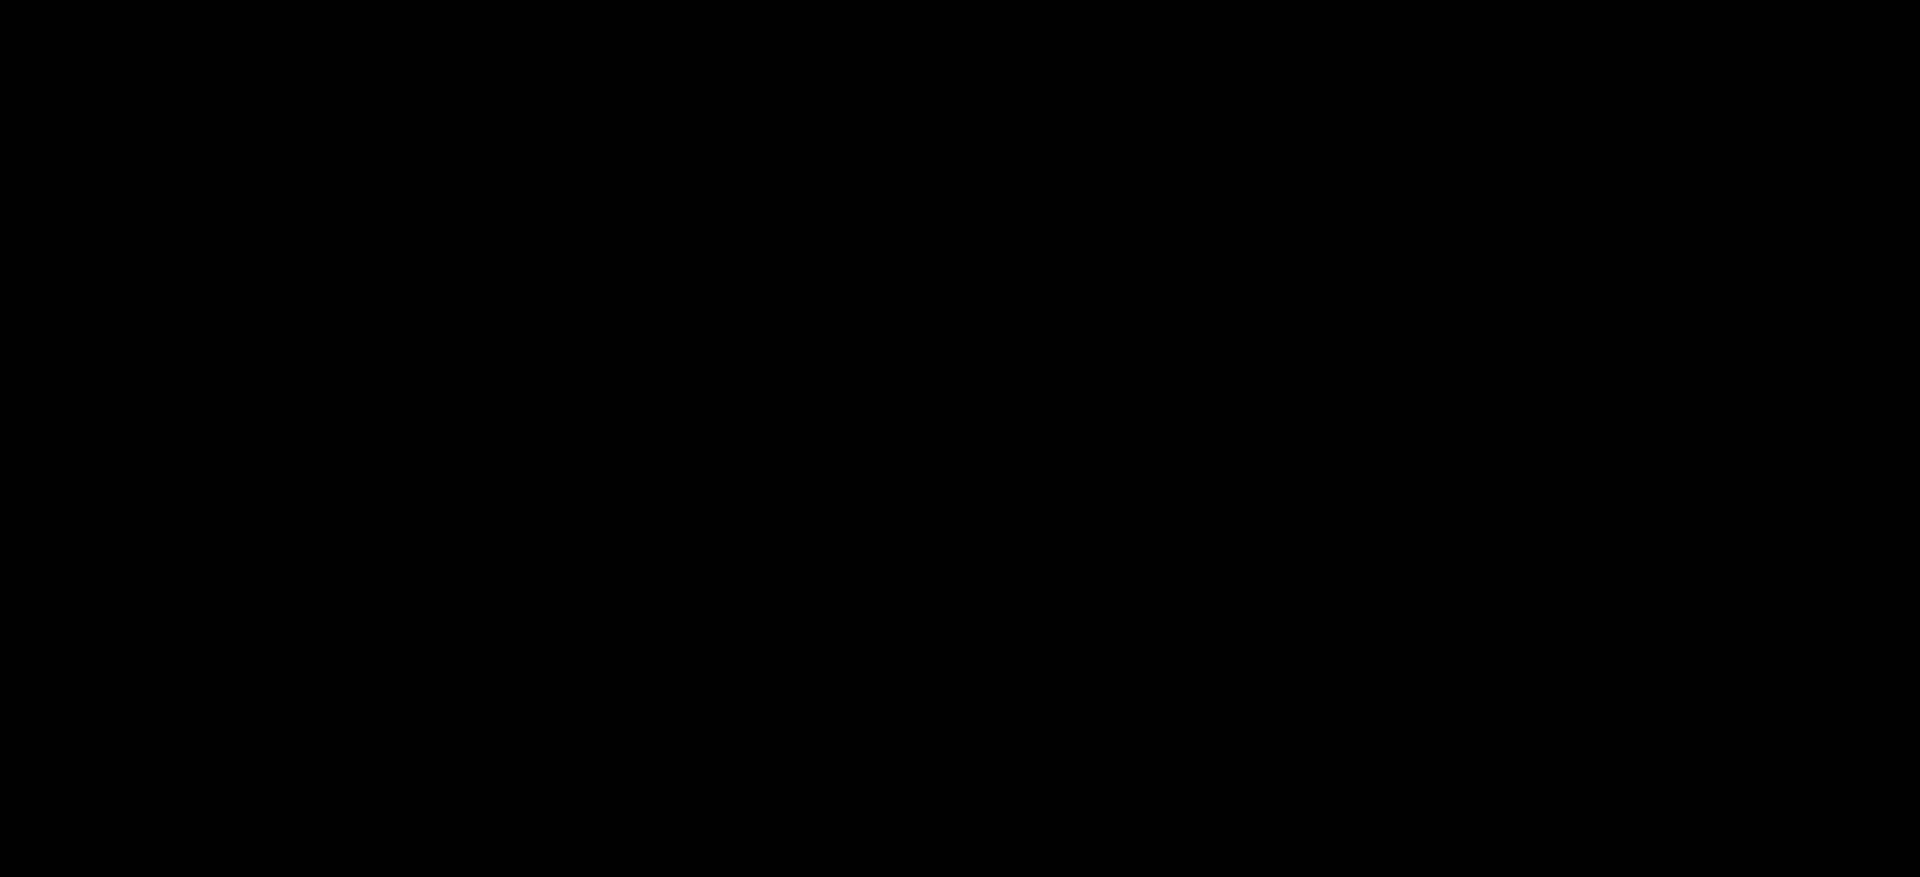 Zander Circuitry